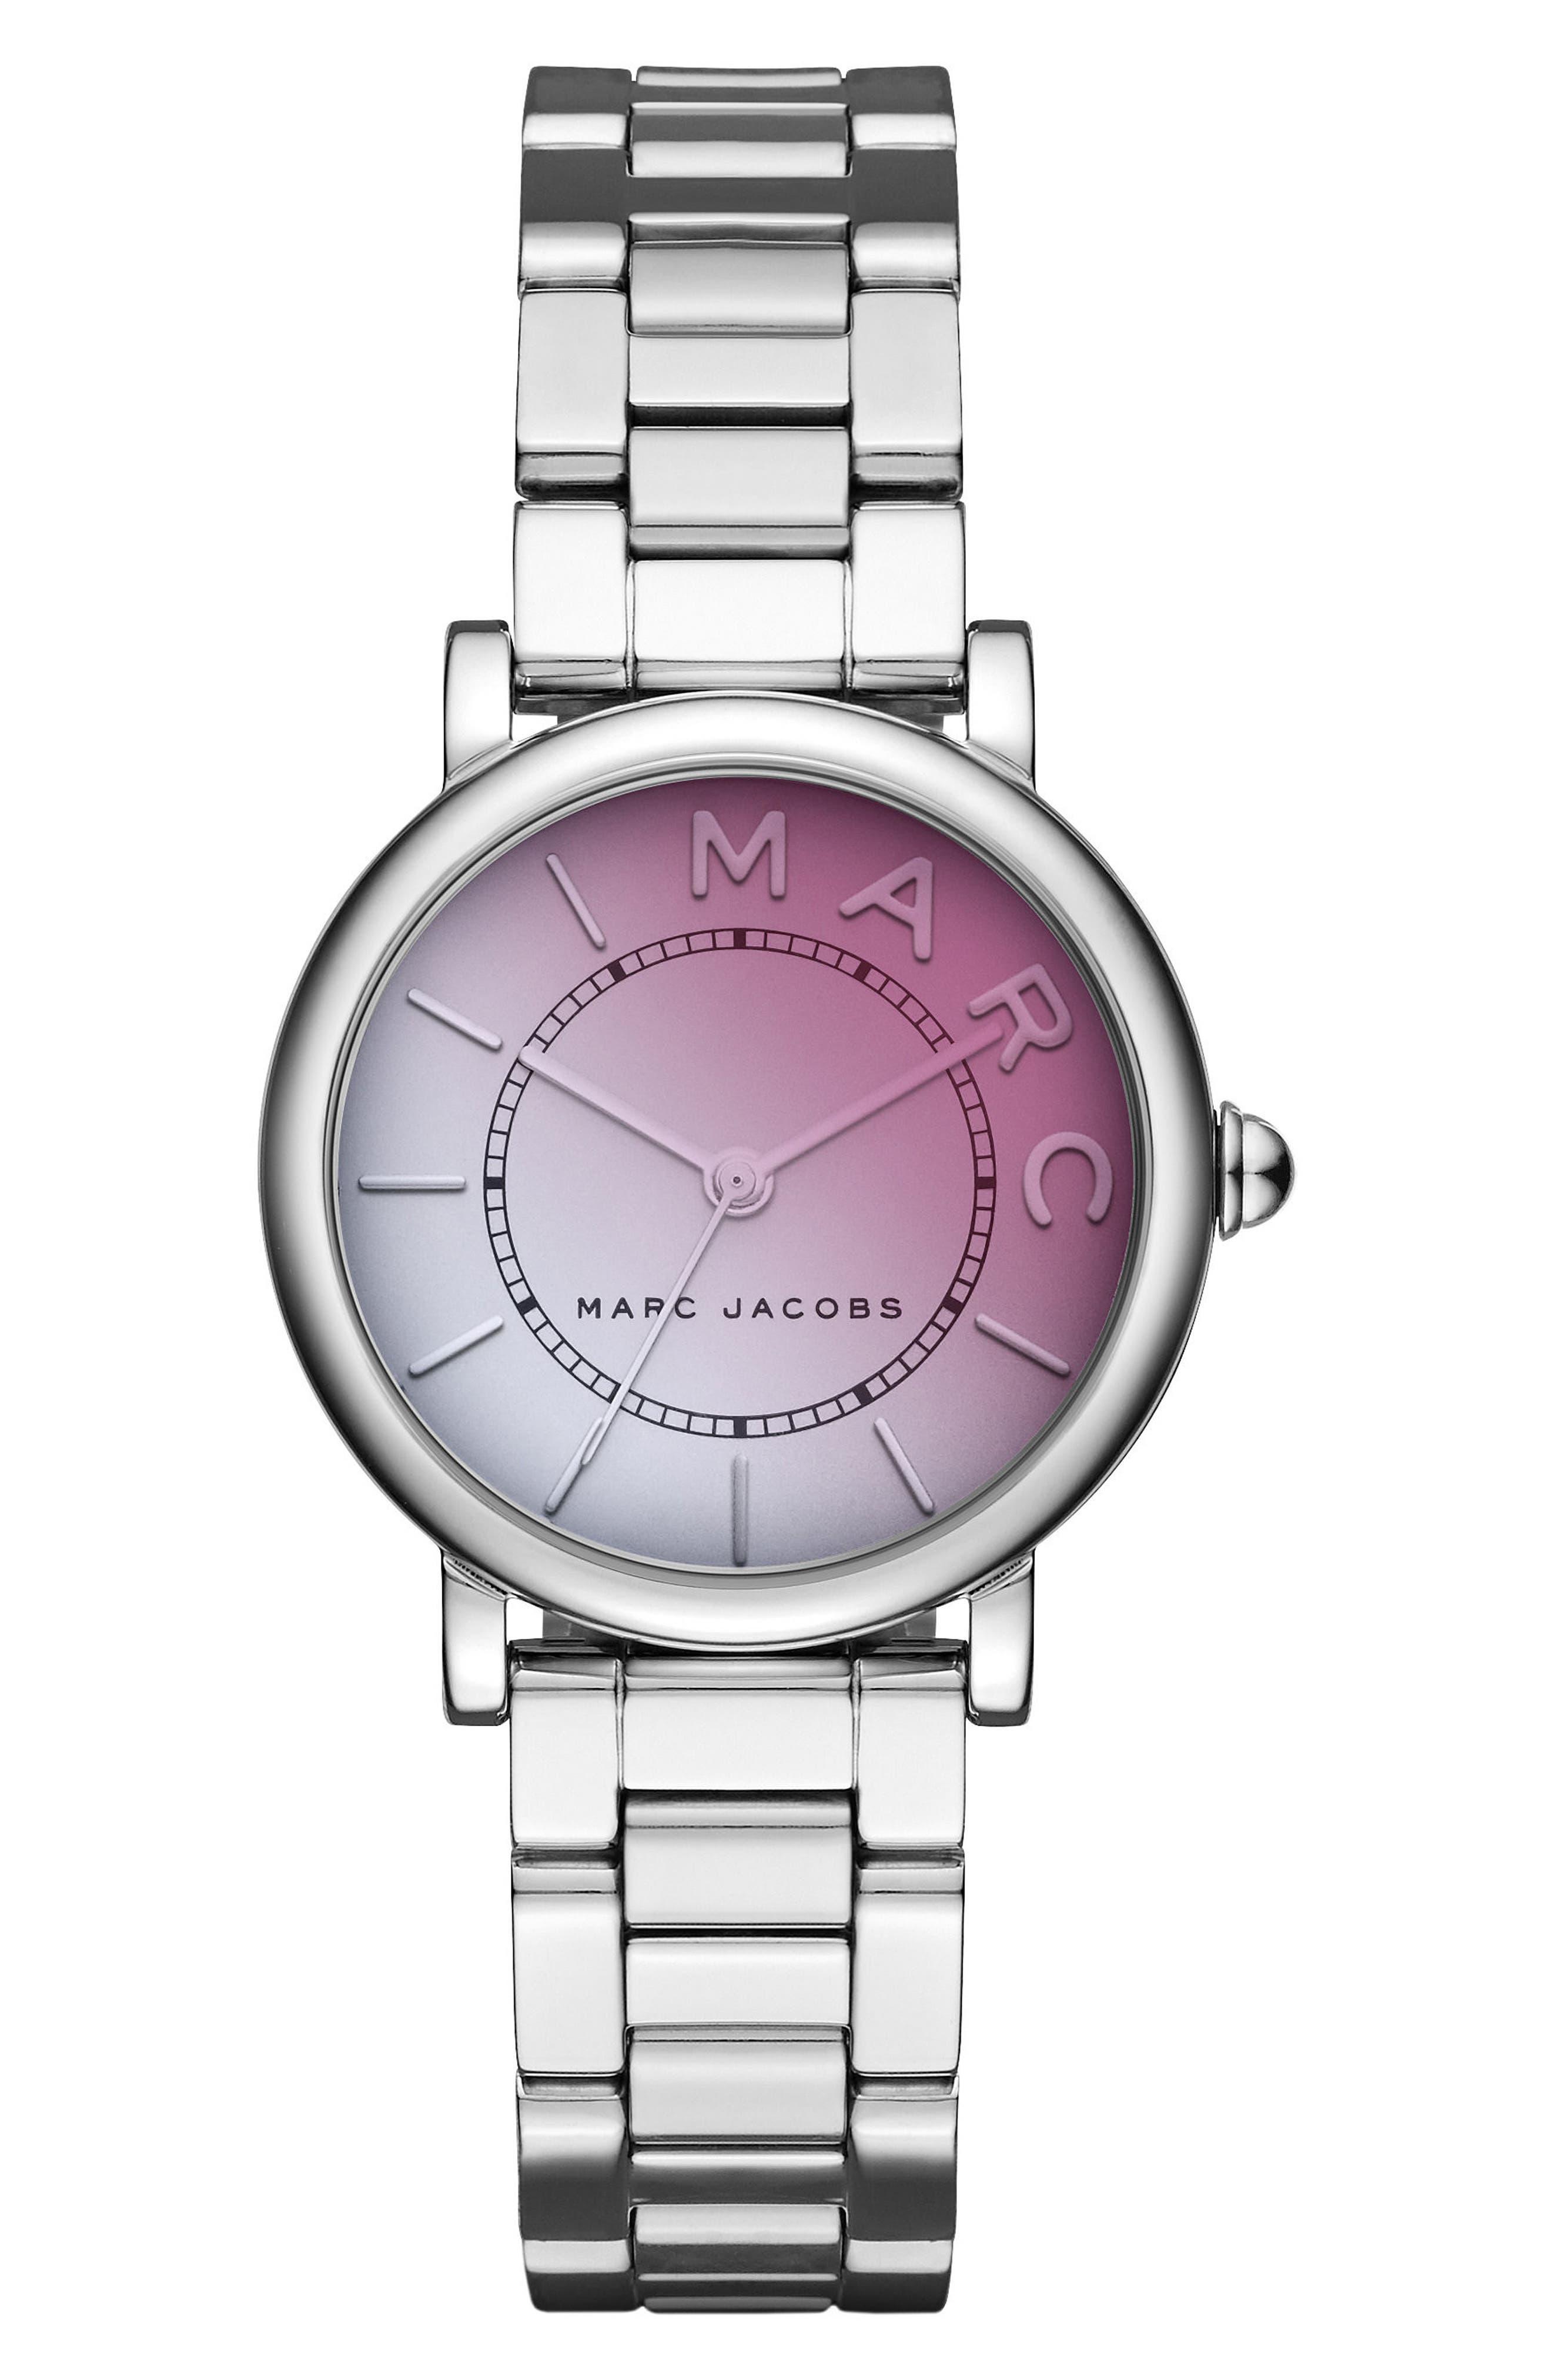 MARC JACOBS Roxy Bracelet Watch, 28mm